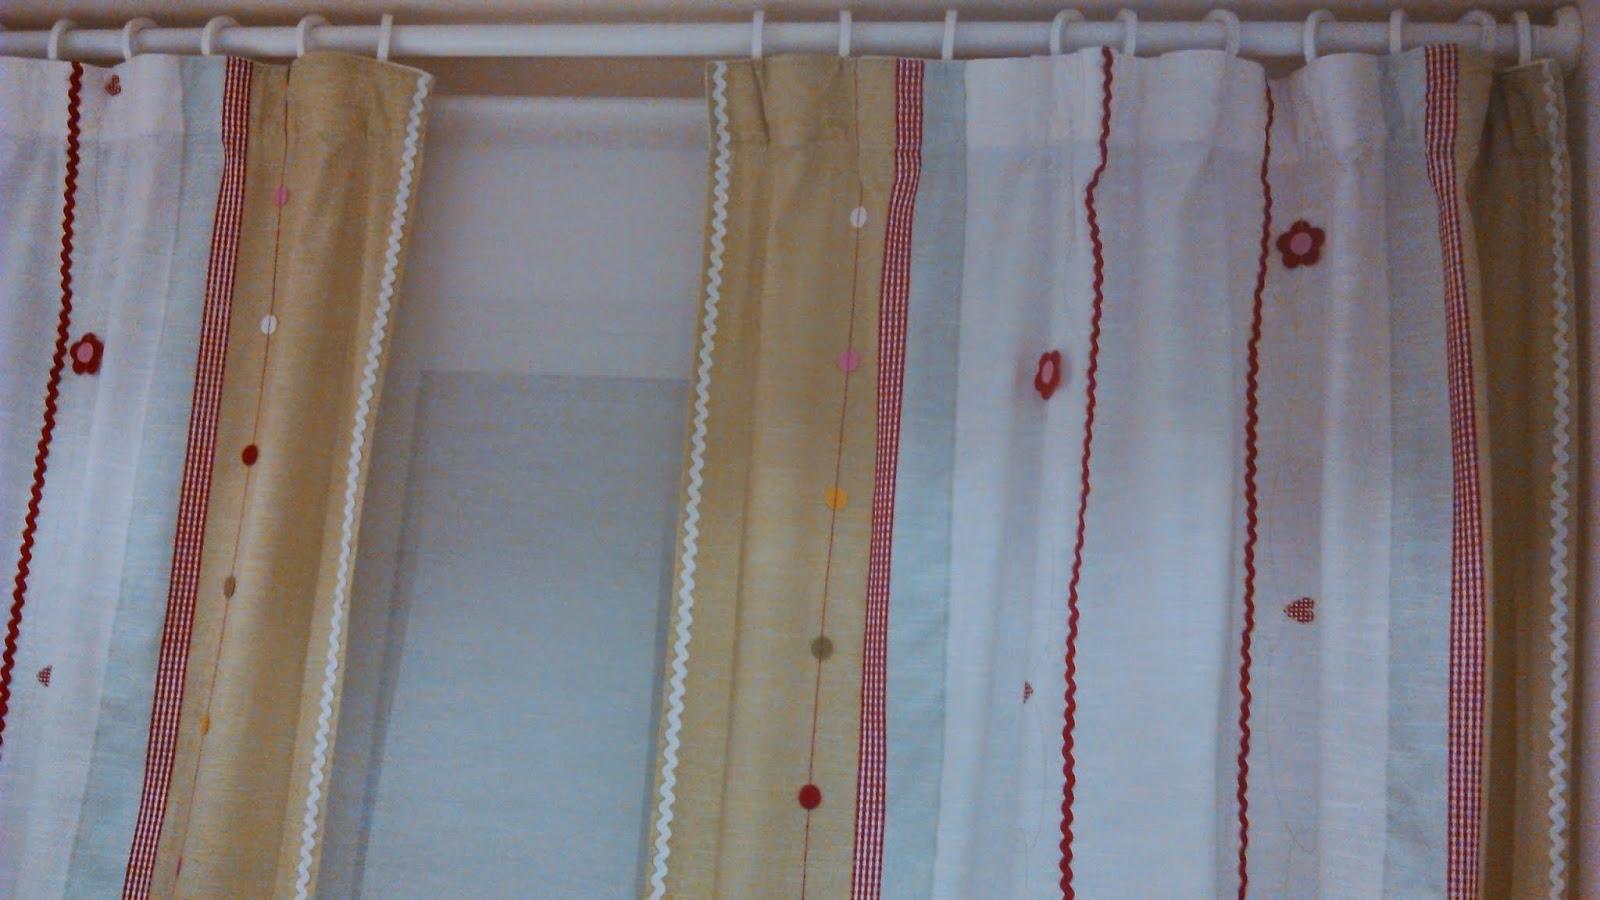 Costur zate blog de costura y otras muchas cosas m s diy - Como colocar las cuerdas de un estor ...